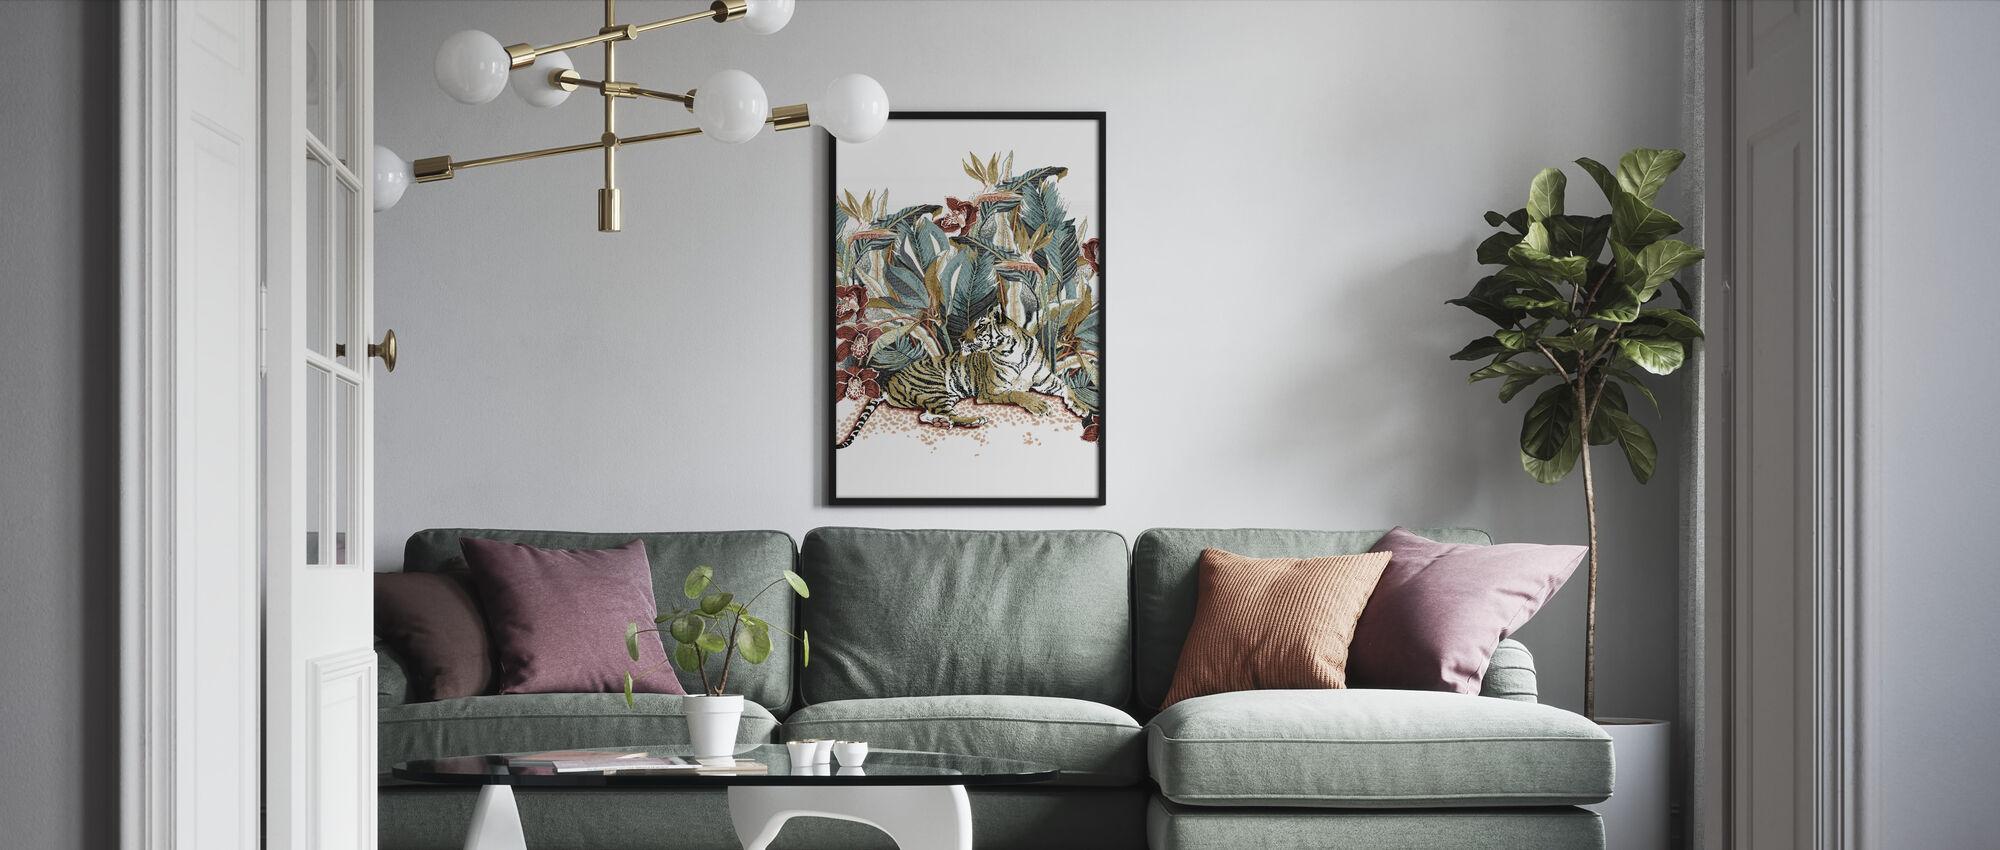 Resting Tigress - Burnt Orange and Teal - Framed print - Living Room